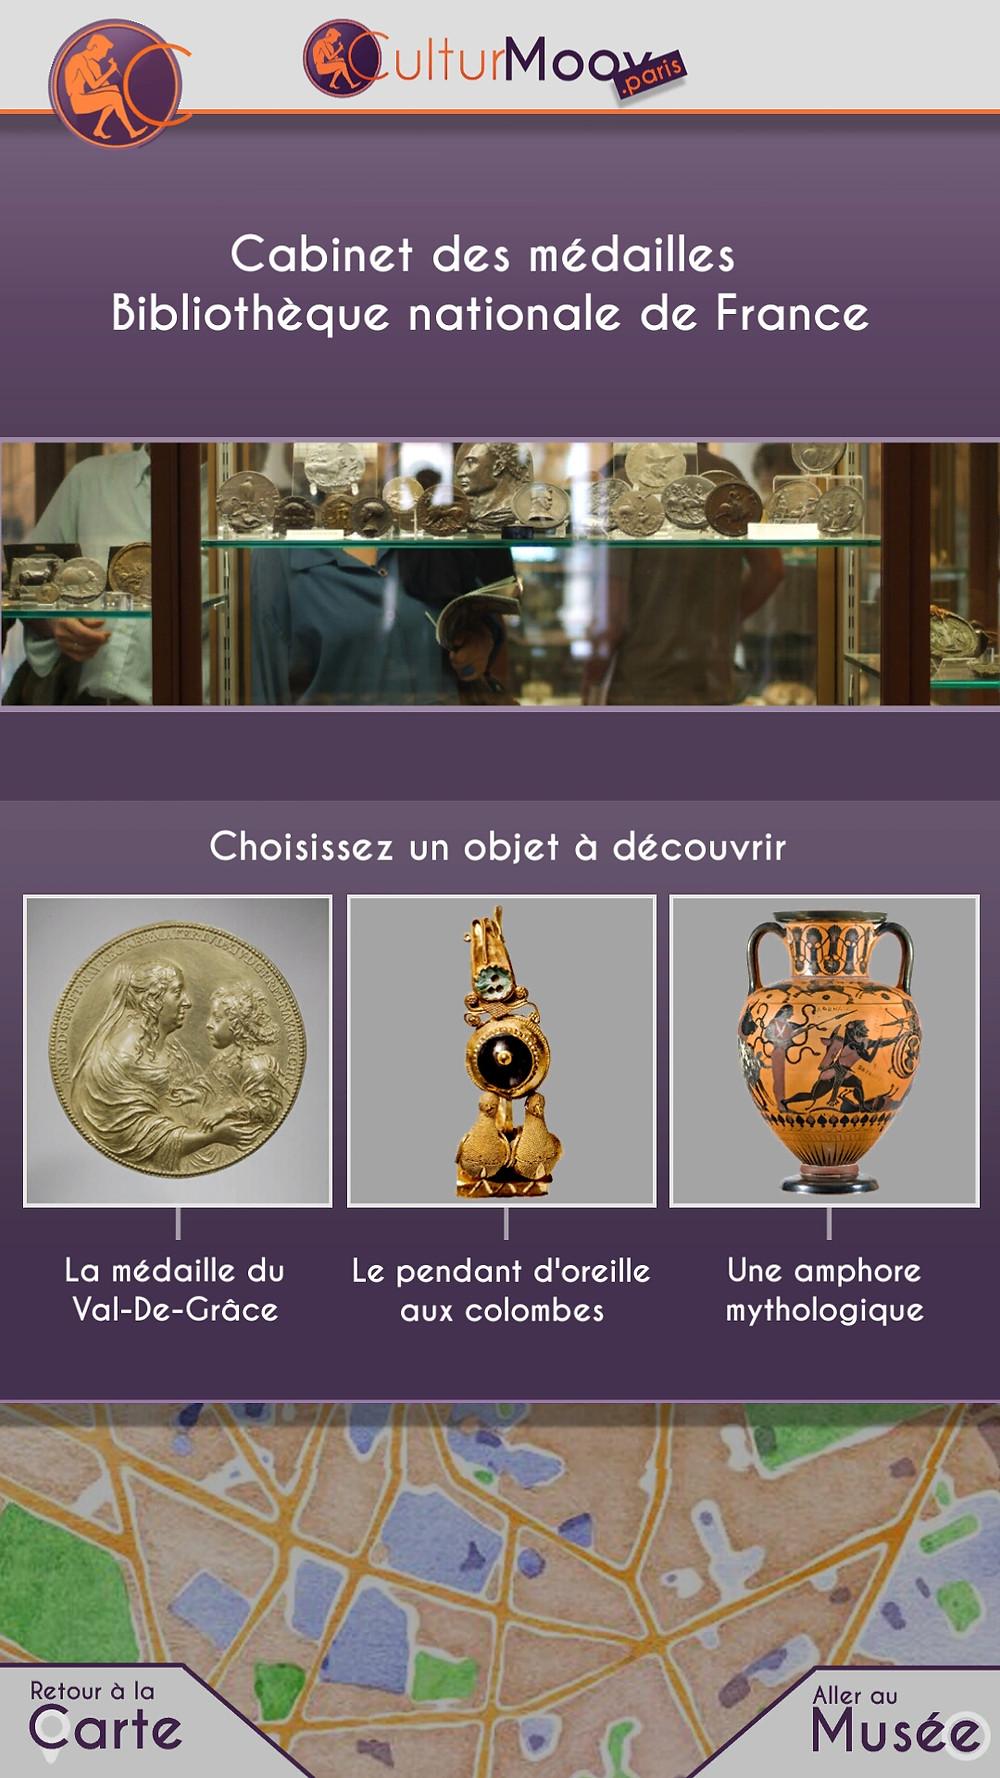 Les objets du Cabinet des médailles